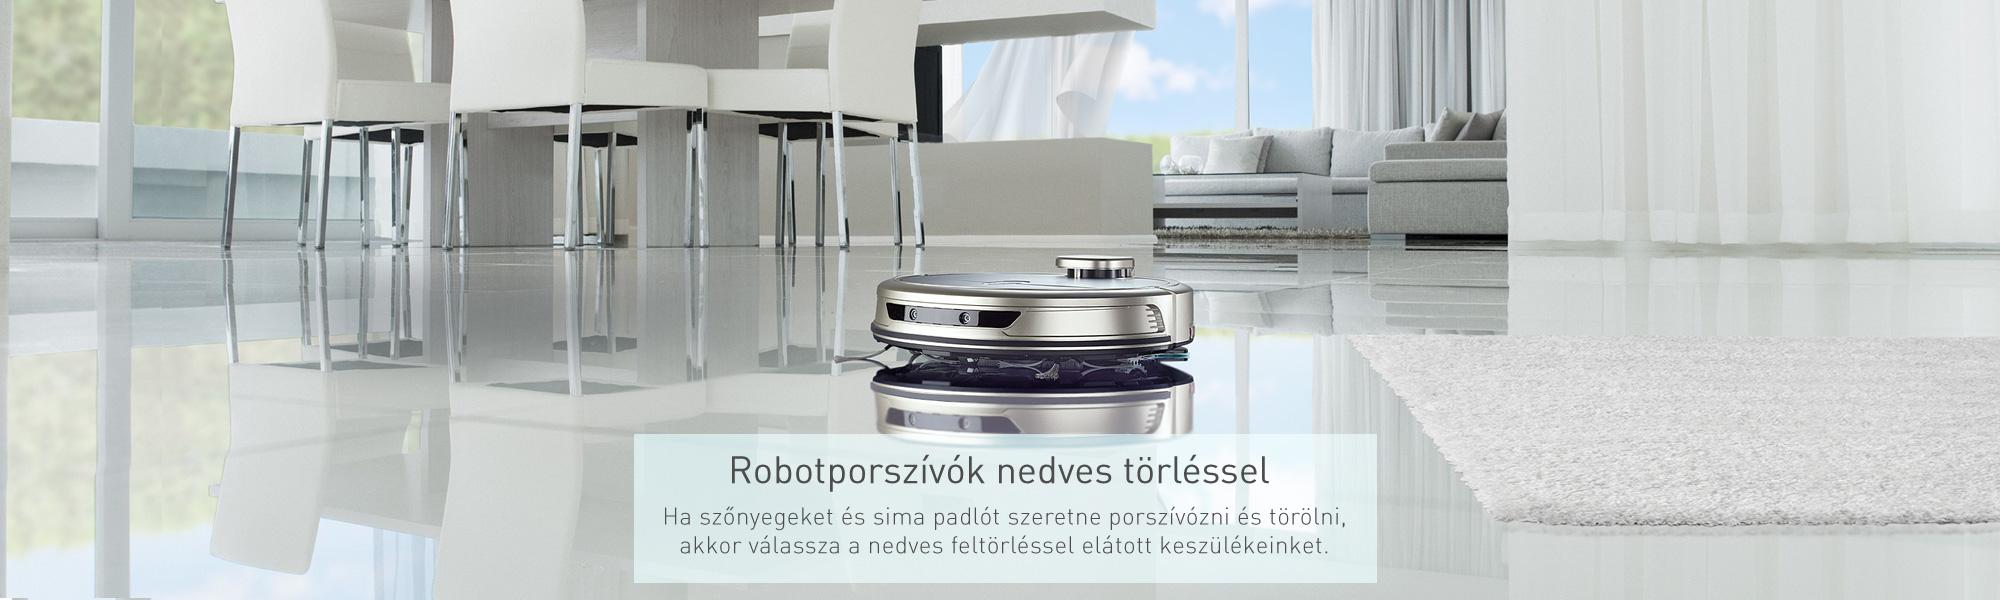 Roomy 4.0 robotporszívó